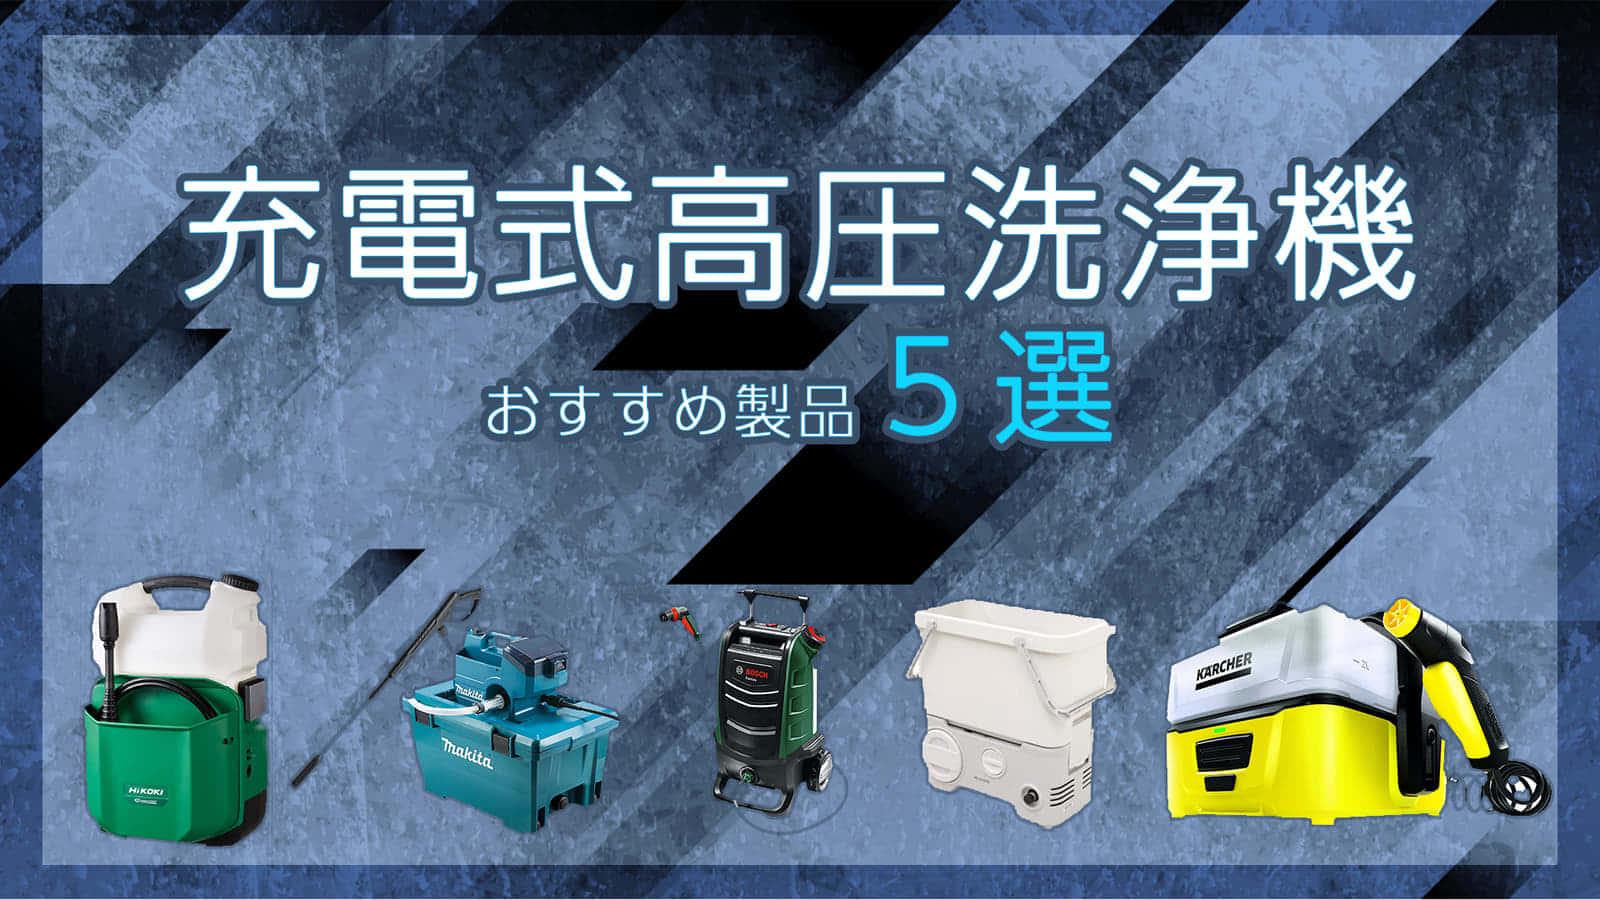 充電式高圧洗浄機とは・オススメ5選【電源・水道不要】